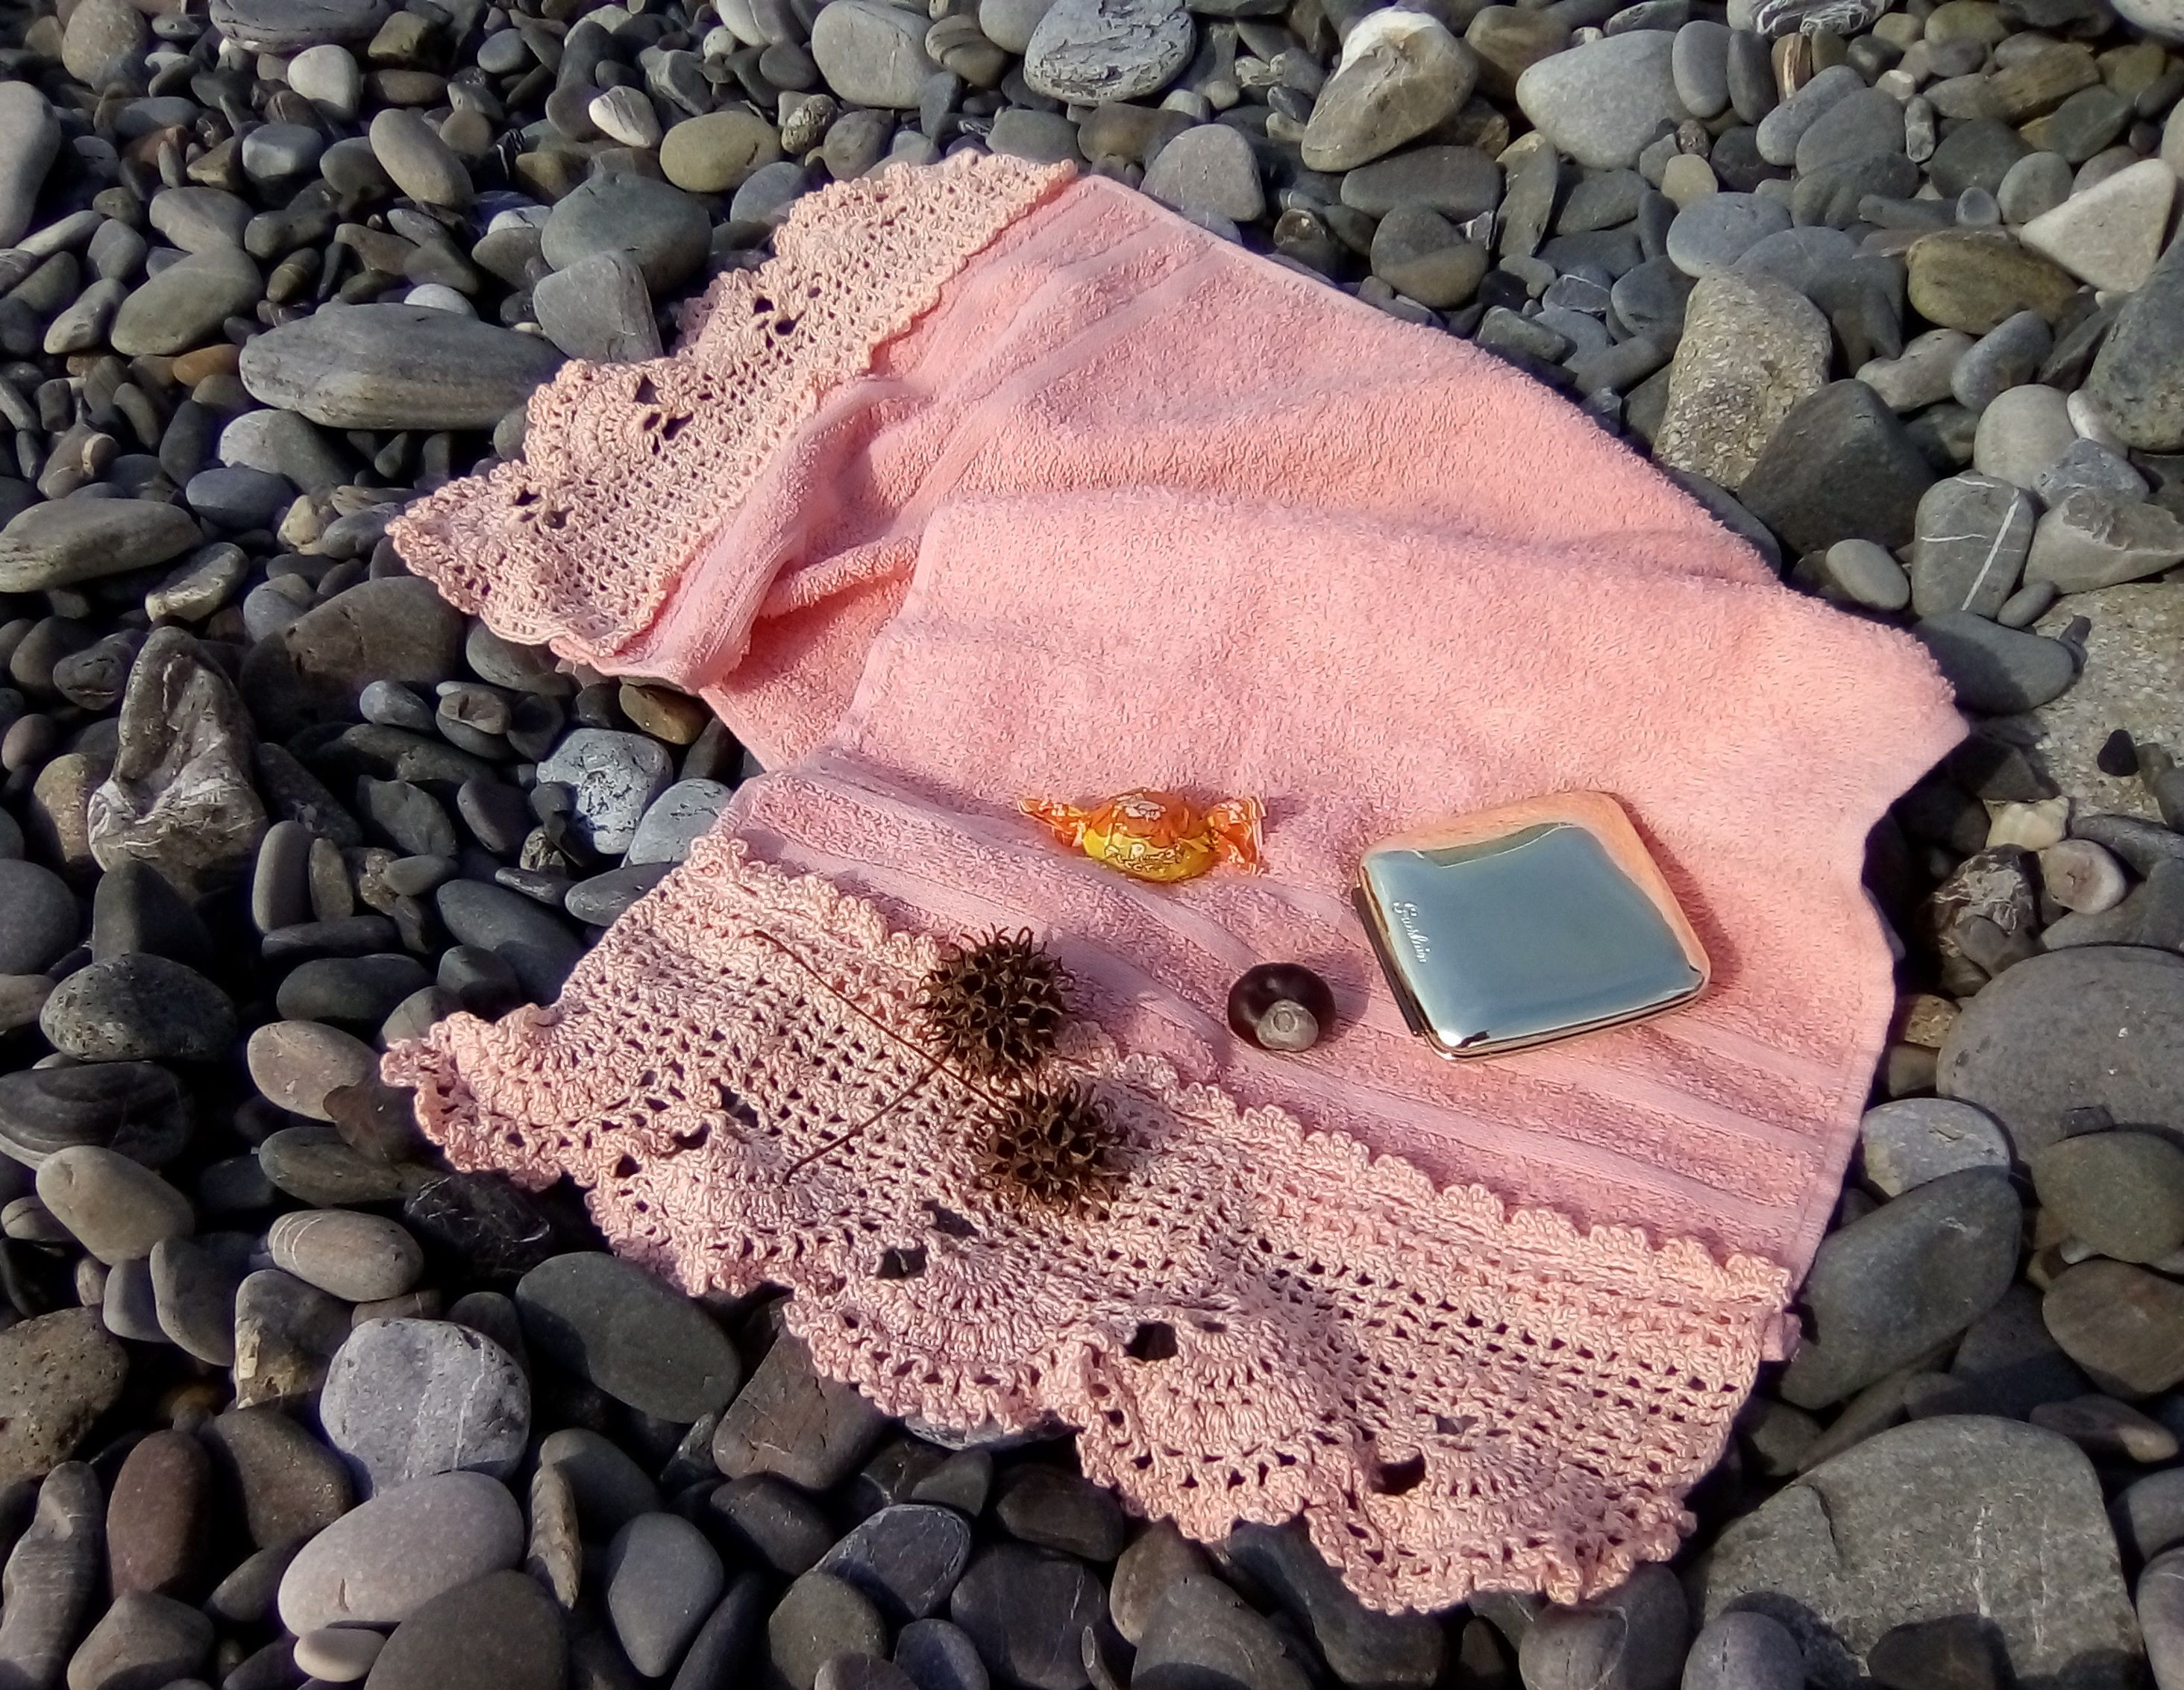 детское ванной лица кружевами махровое кружевное текстиль дома рук для кружевом полотенце подарок